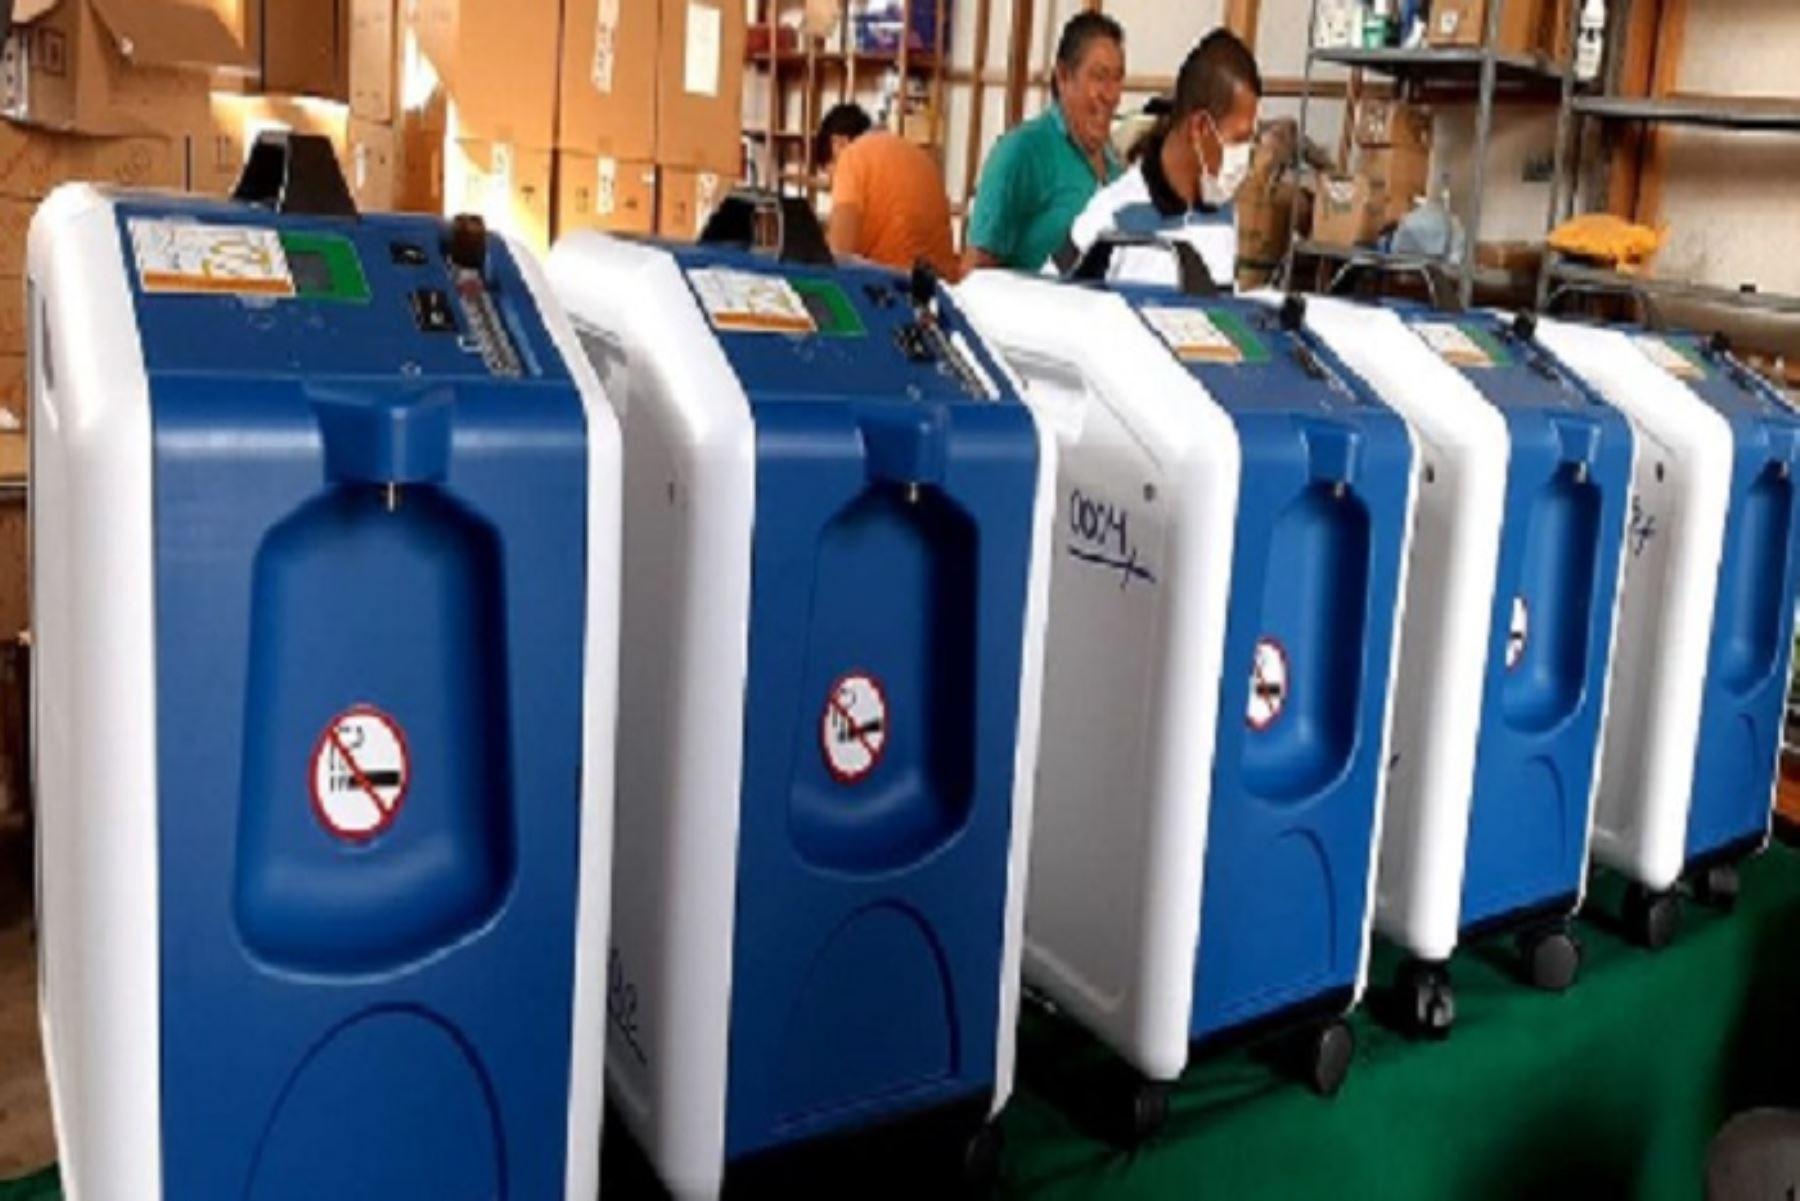 Los 187 concentradores de oxígeno serán distribuidos para cubrir las necesidades de atención de pacientes con covid-19 de las comunidades amazónicas de las provincias de Coronel Portillo, Atalaya, Padre Abay y Purús, en Ucayali.